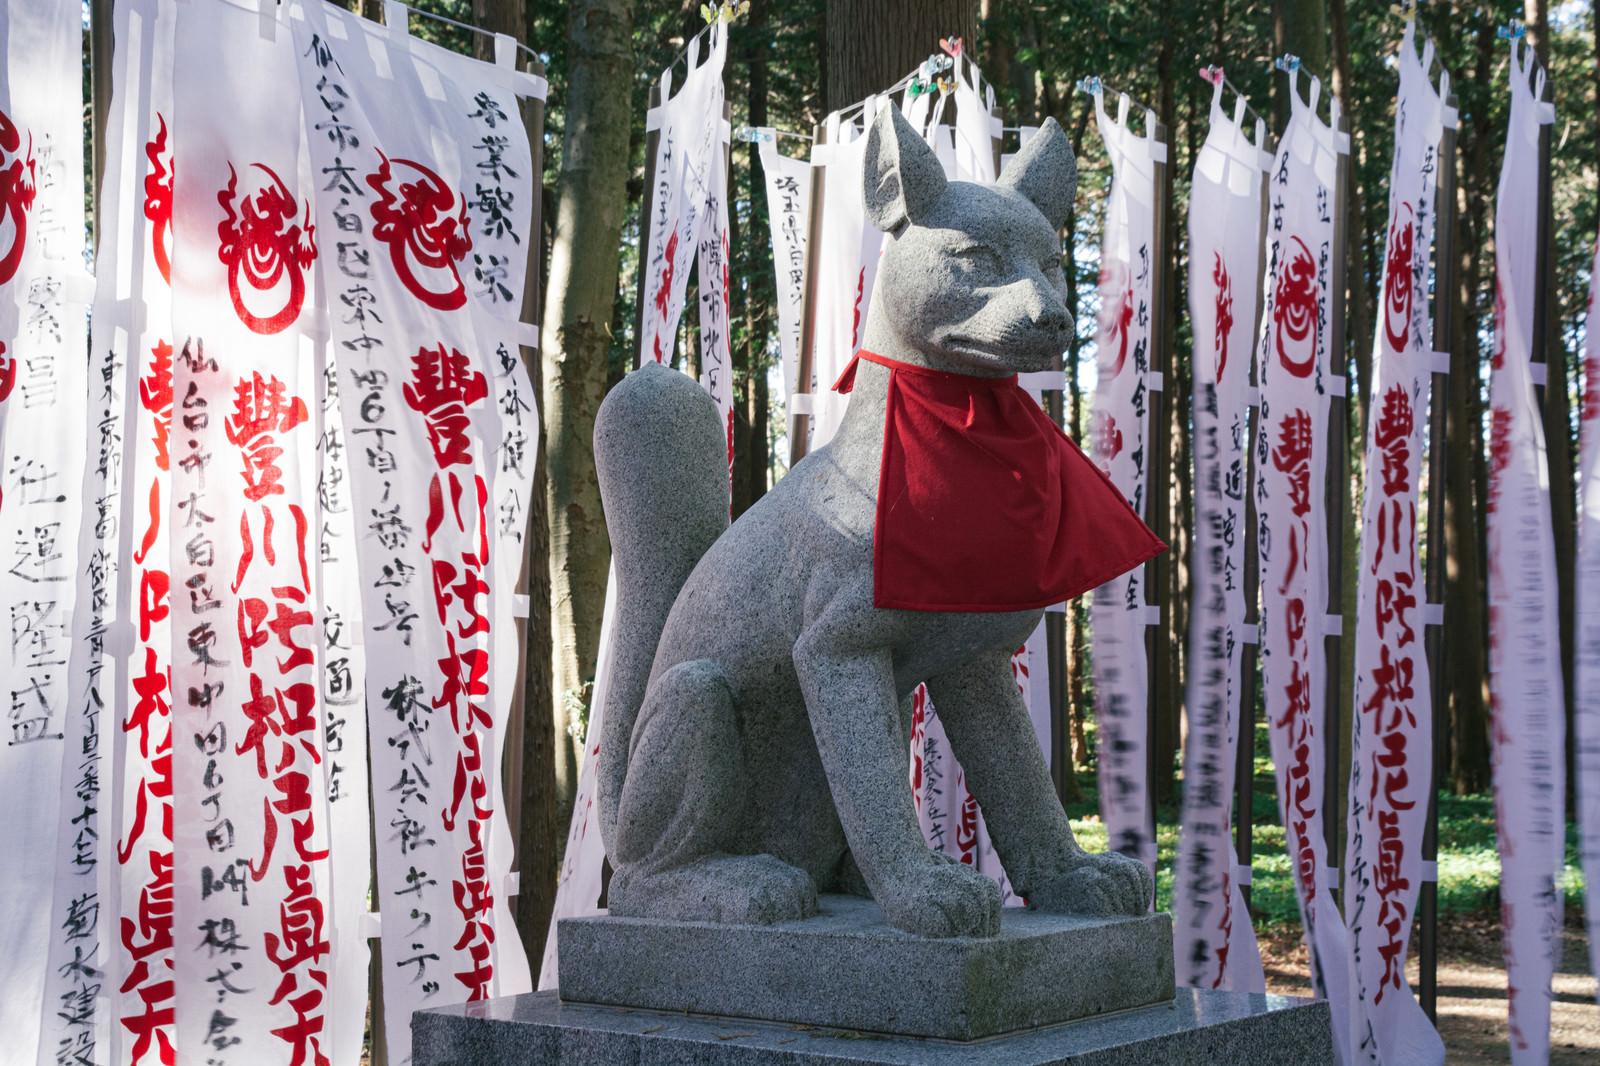 「奉納された幟に囲まれた狐の像」の写真